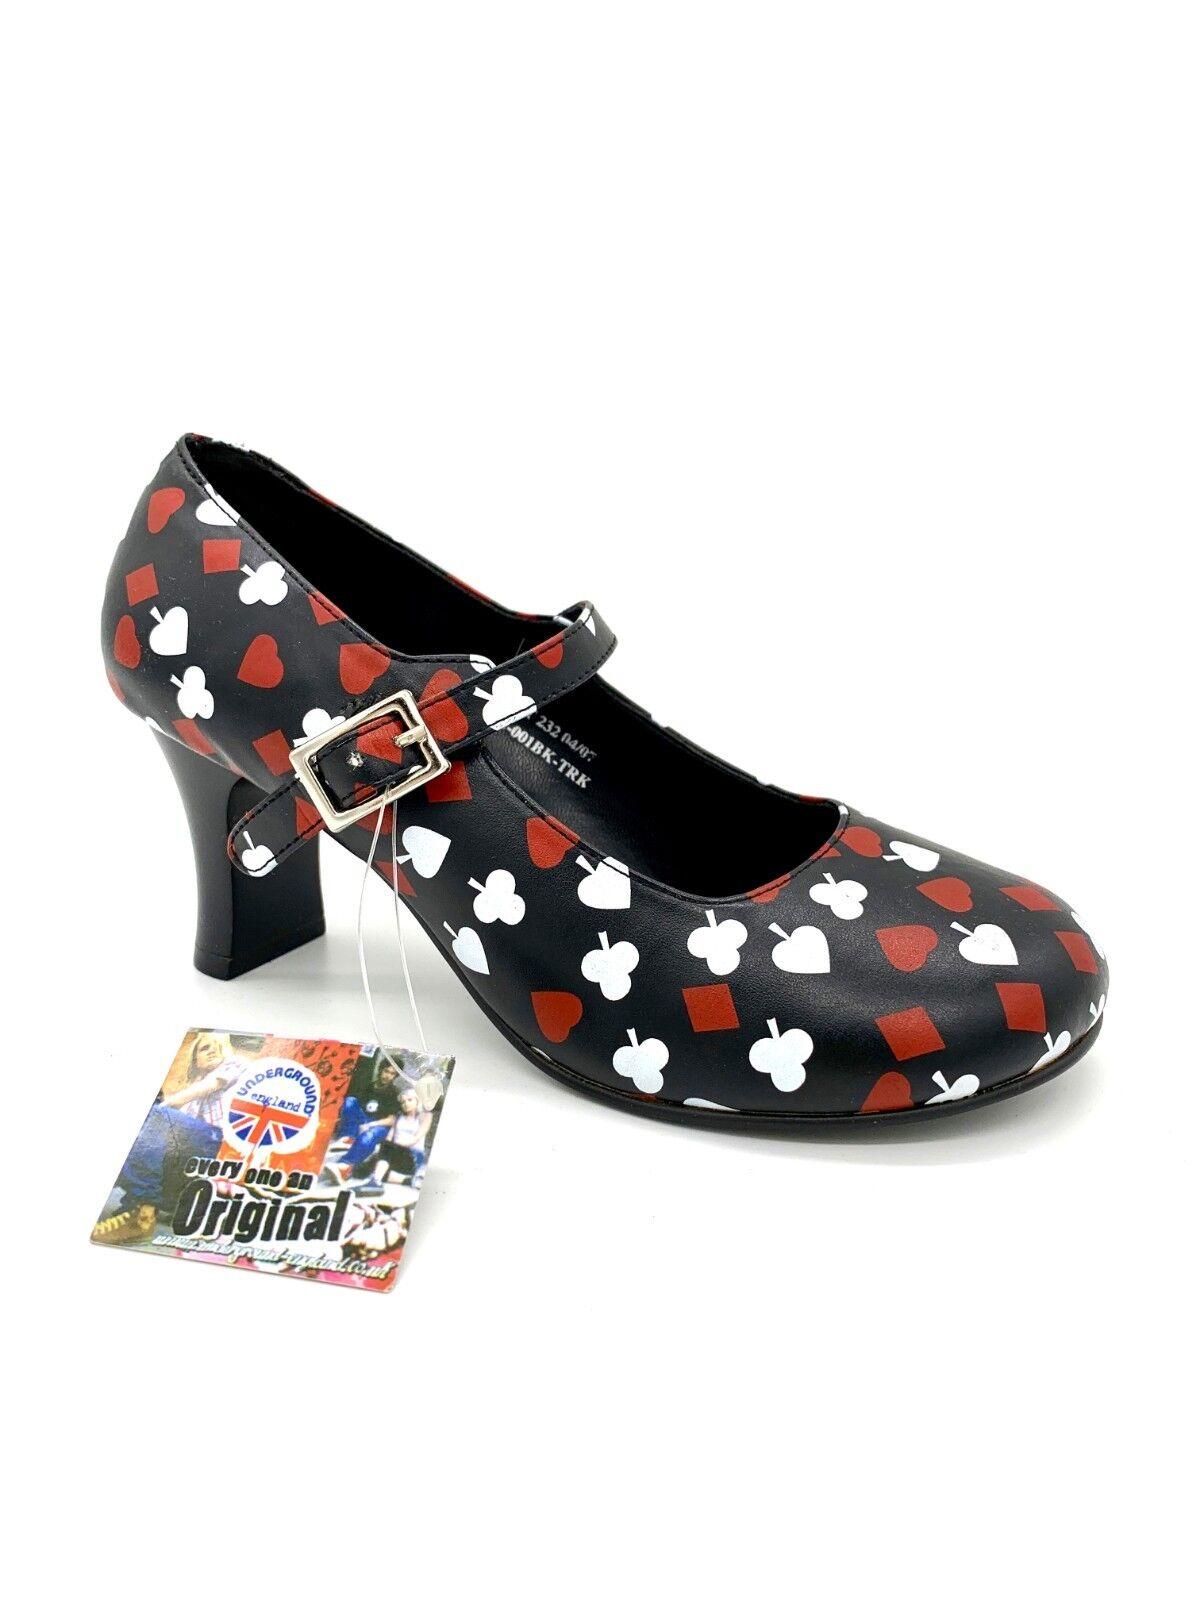 Underground England Damenschuhe Schuhe Pumps - Rockabilly Stil Pik Ass Herz Karo